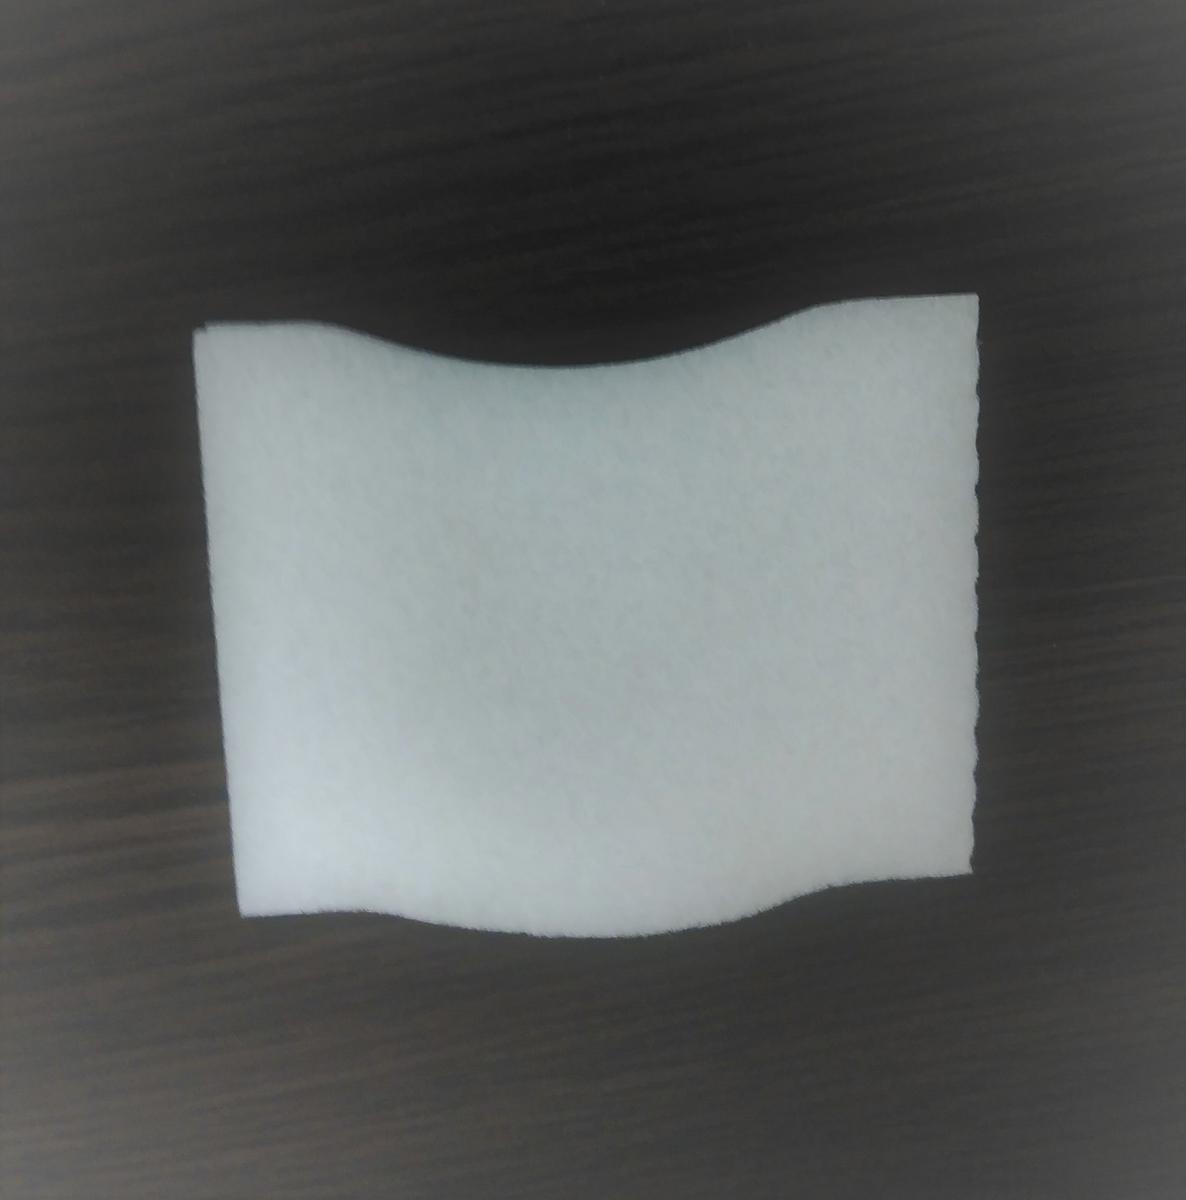 f:id:tori-tory:20210505194450j:plain